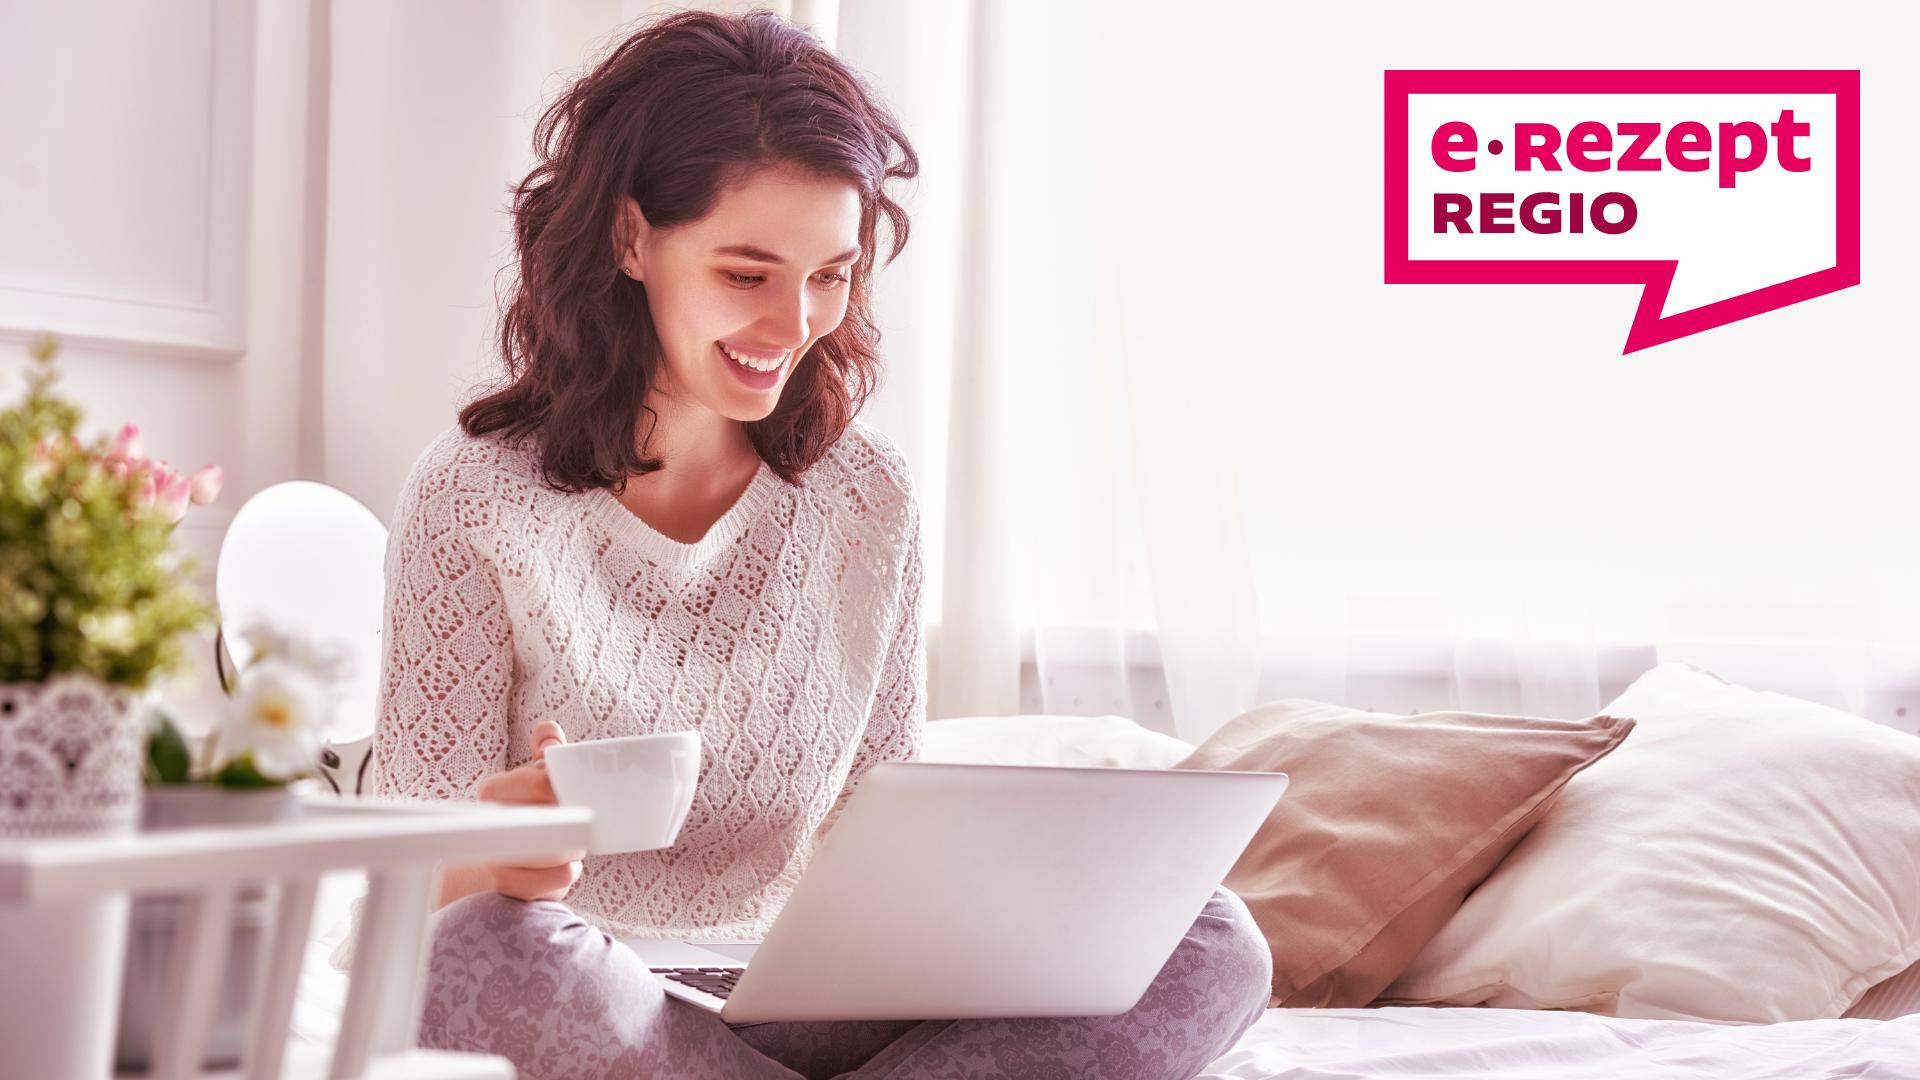 Das E-Rezepts bringt viele Vorteile für Patienten. Der e-rezept REGIO Blog stellt diese vor.